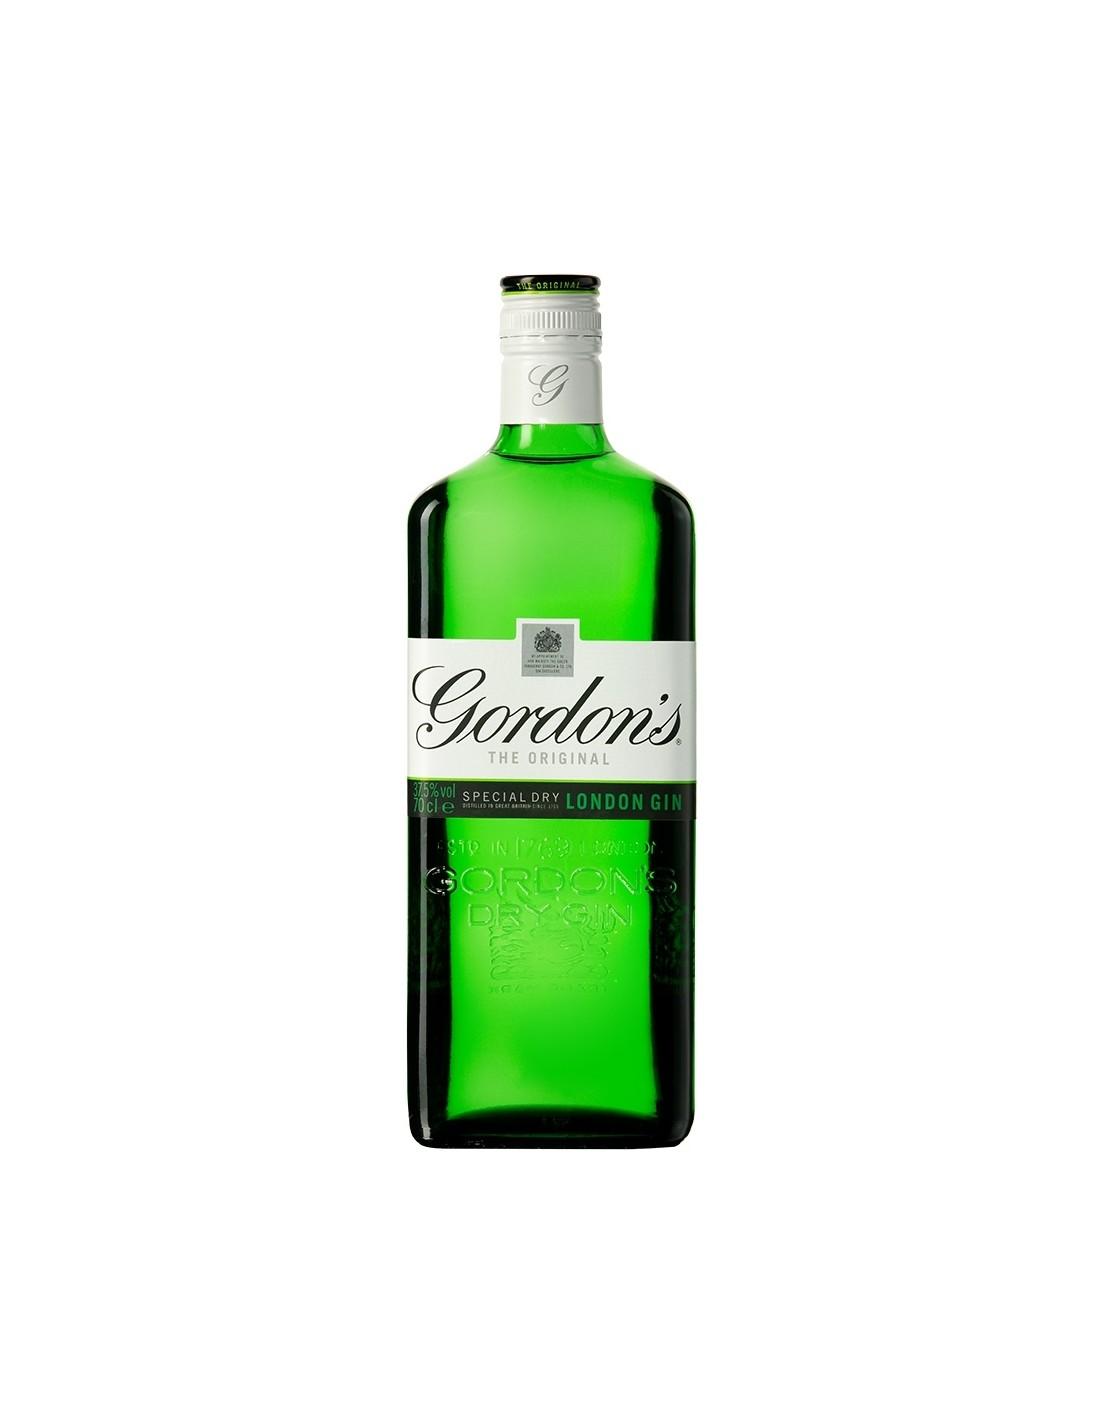 Gin Gordon's Green Label 37.5% alc., 1L, Anglia